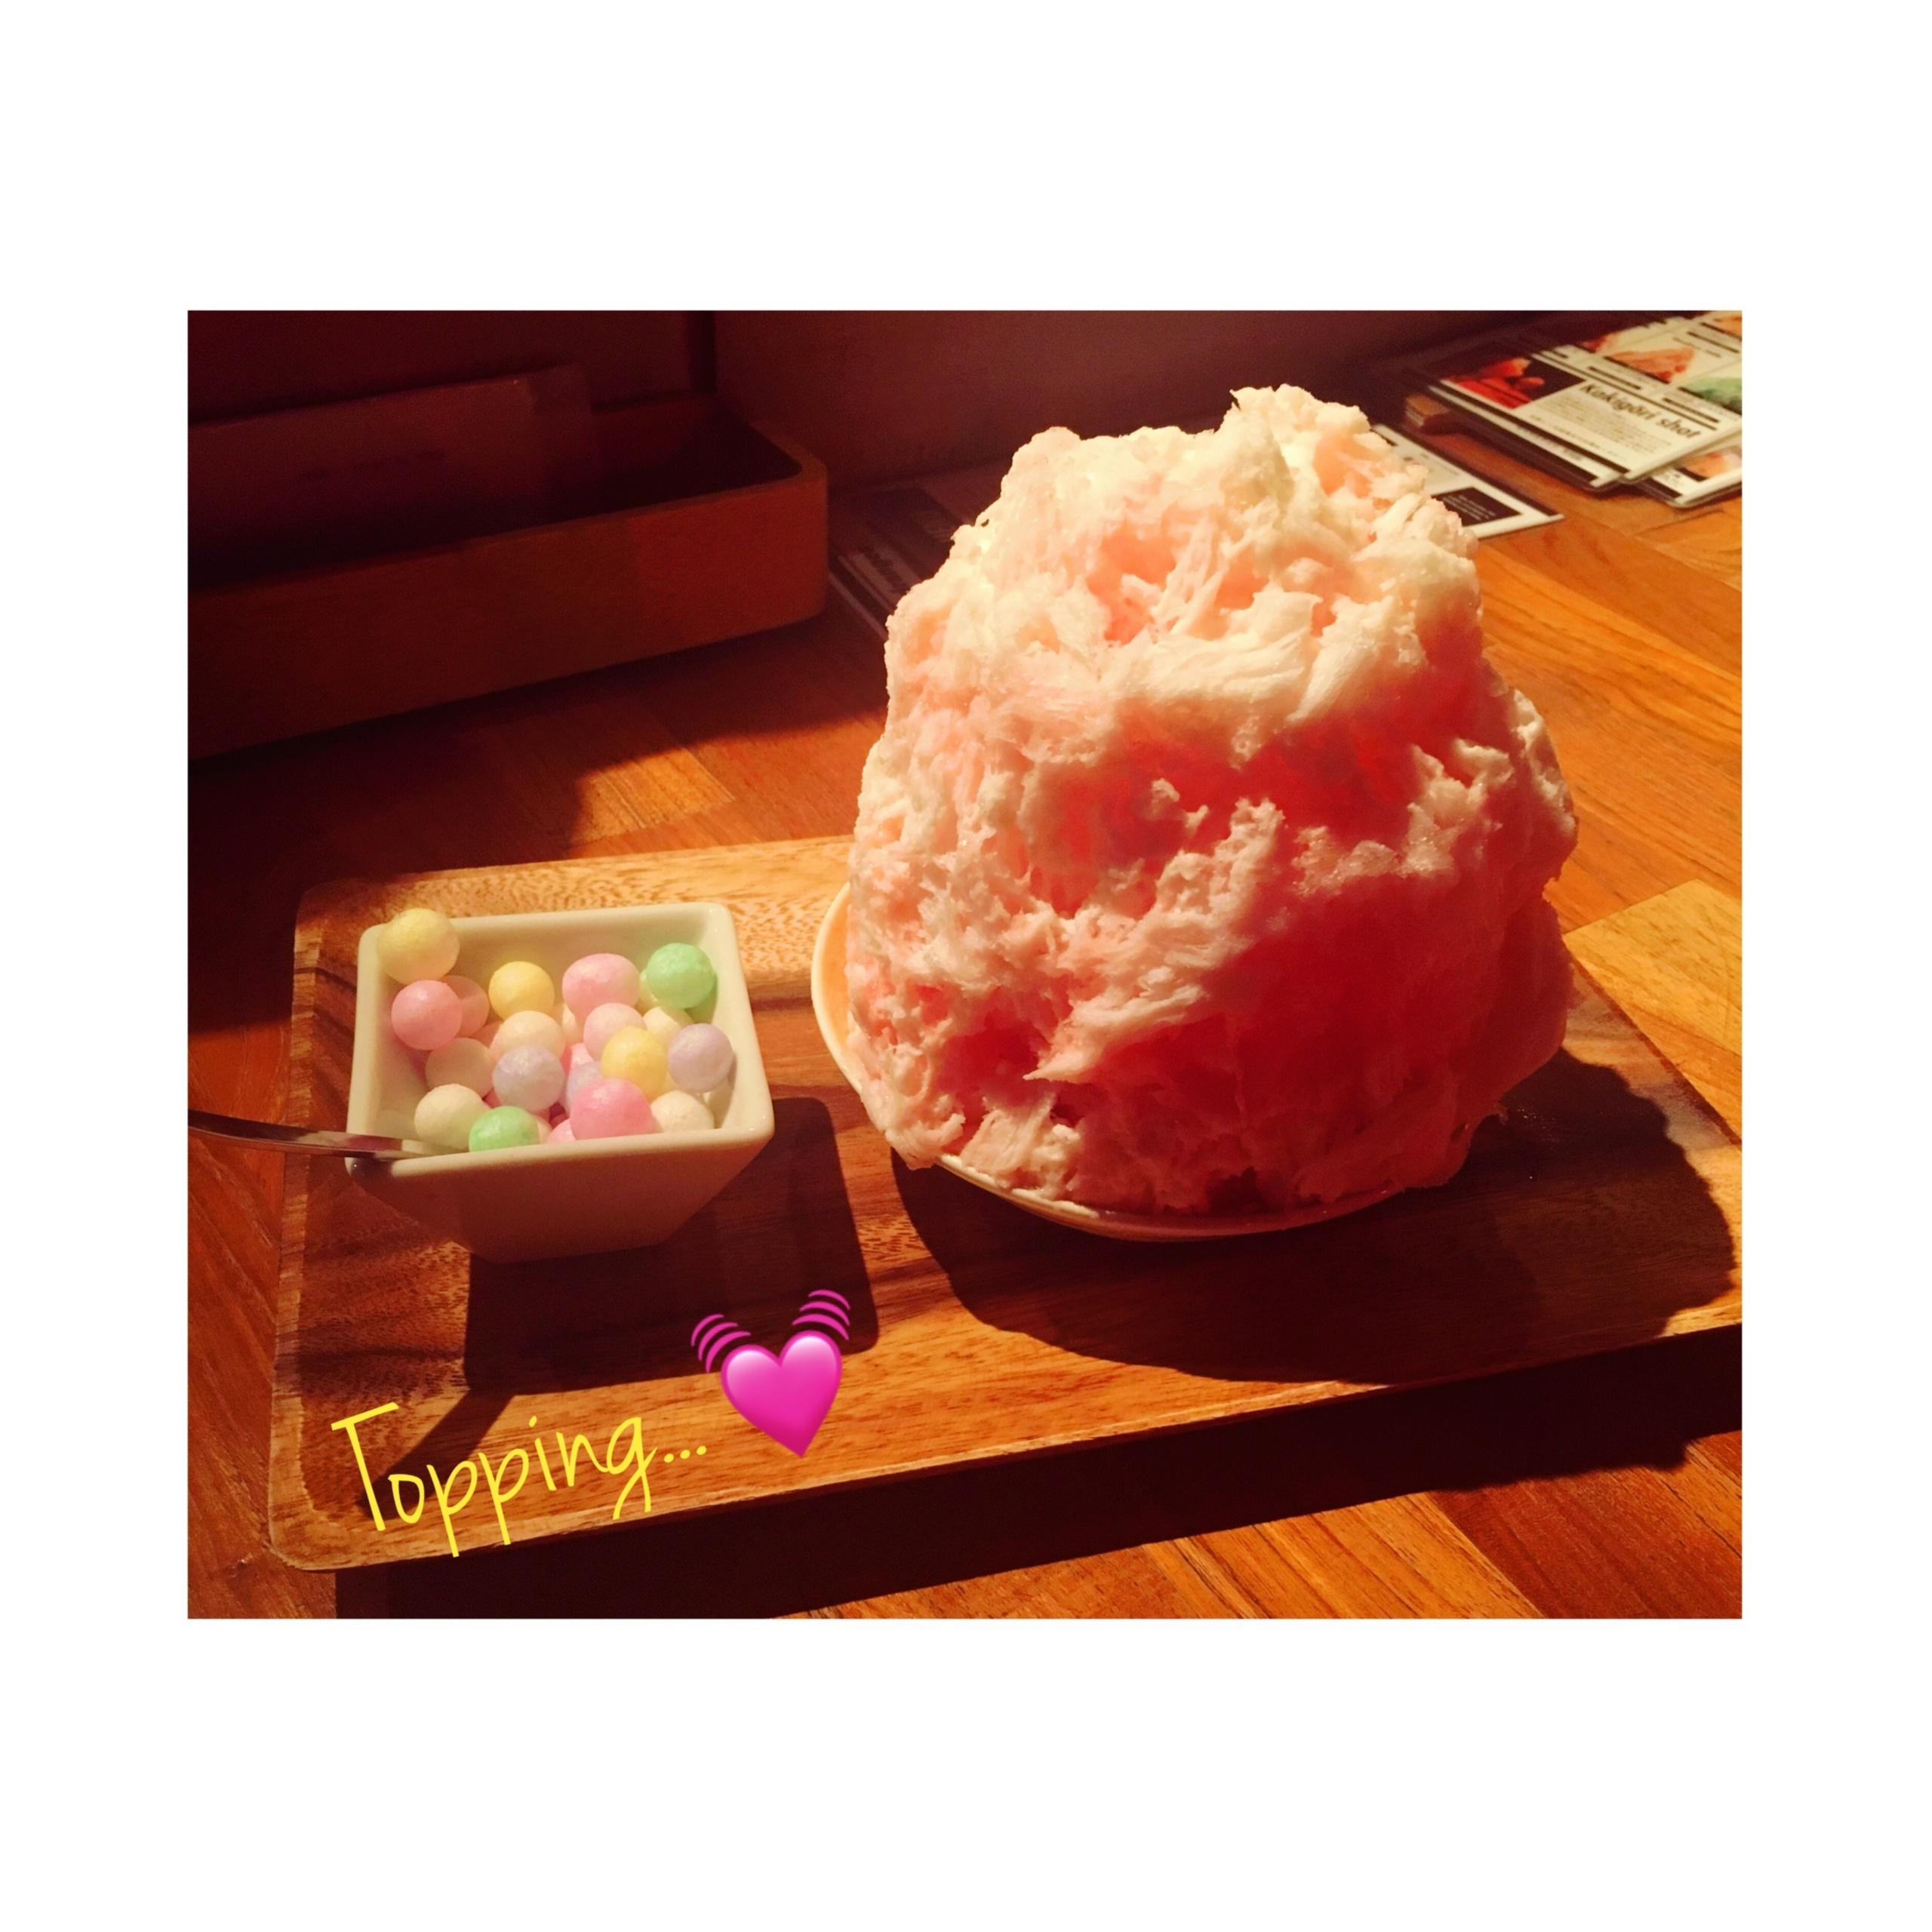 東京のおすすめかき氷特集 - 20代女子に人気のかわいくて美味しいかき氷店10選_34